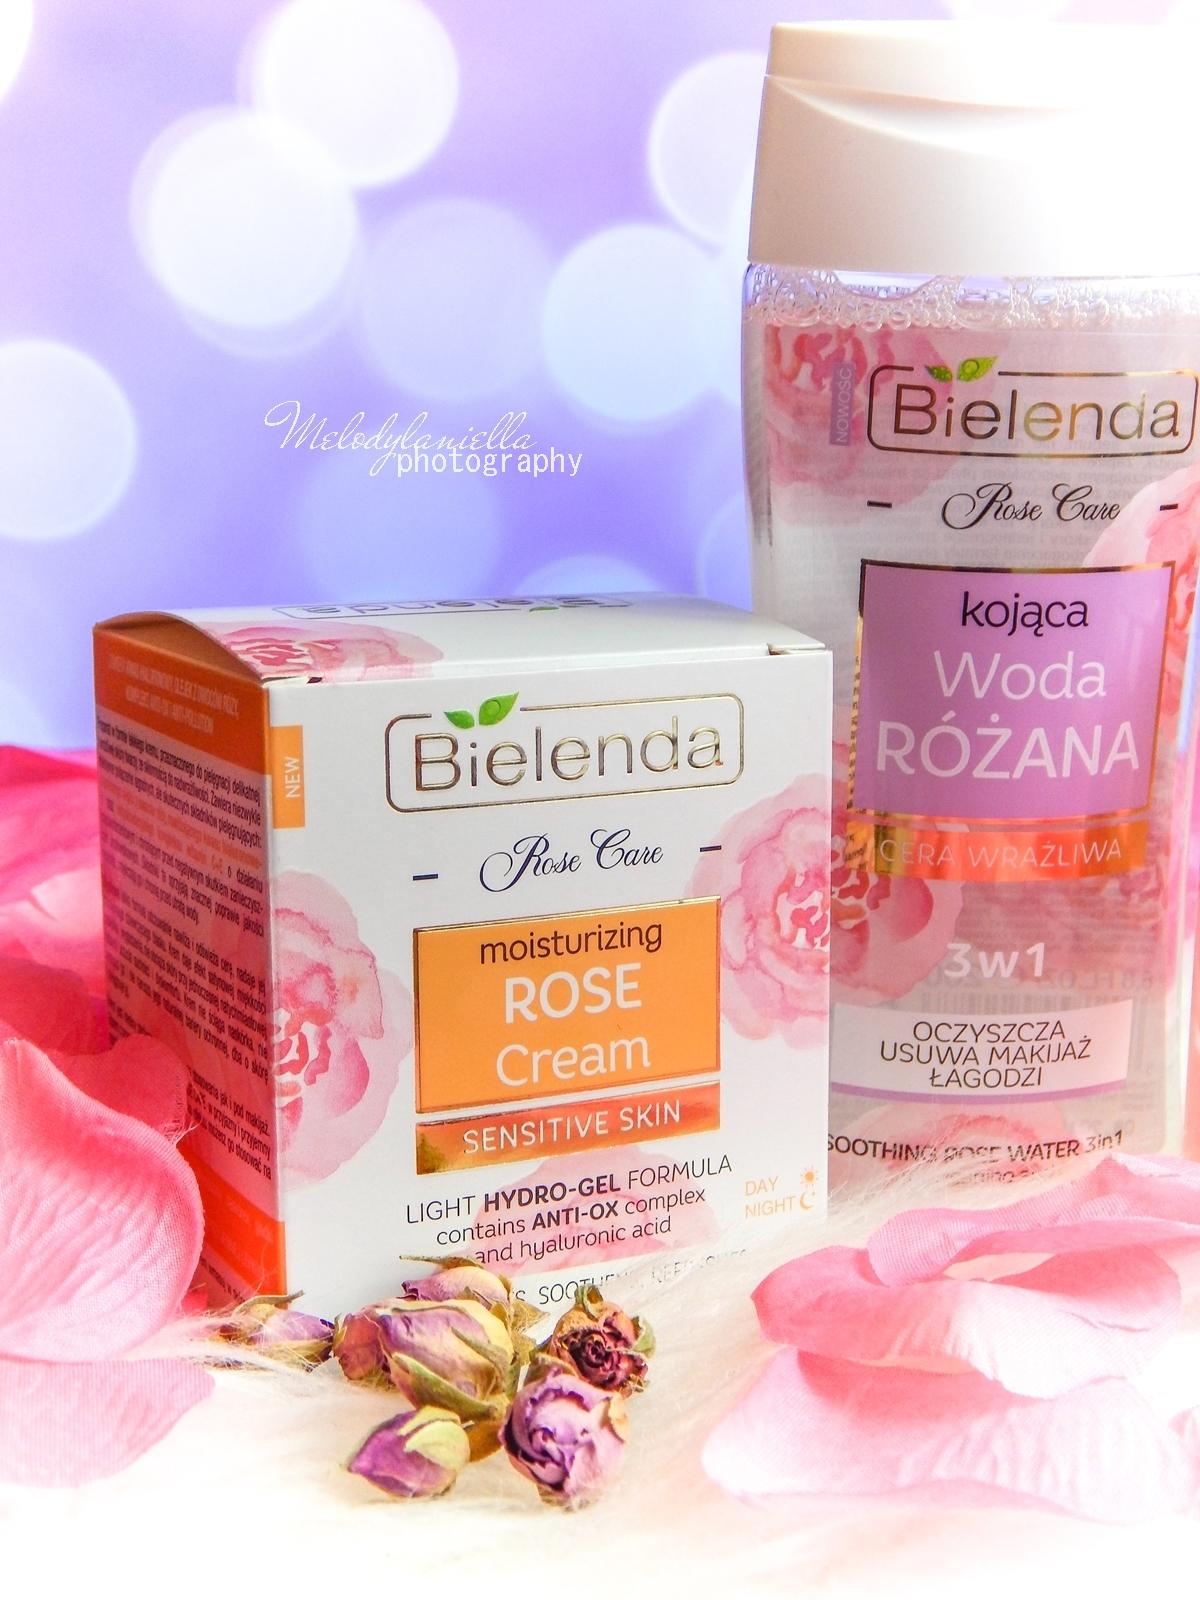 4 Bielenda rose care różany krem do twarzy recenzja kojąca woda różana 3w1 olejek różany do mycia twarzy produkty bielenda seria różana melodylaniella test produktów kosmetycznych ciekawe blogi lifestyle